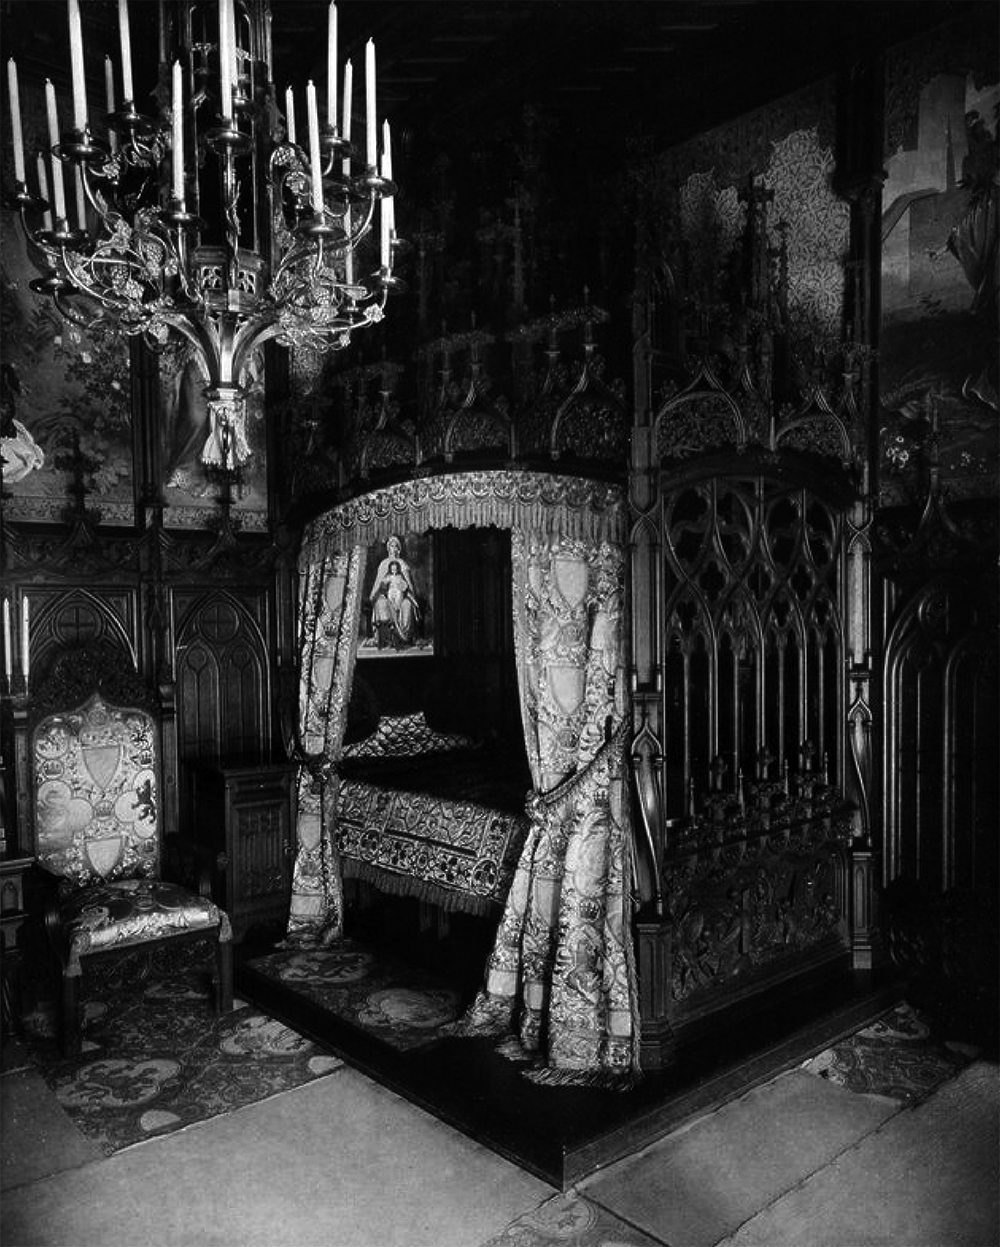 Schlafzimmer – Schloss Neuschwanstein – Ein Traum im ...